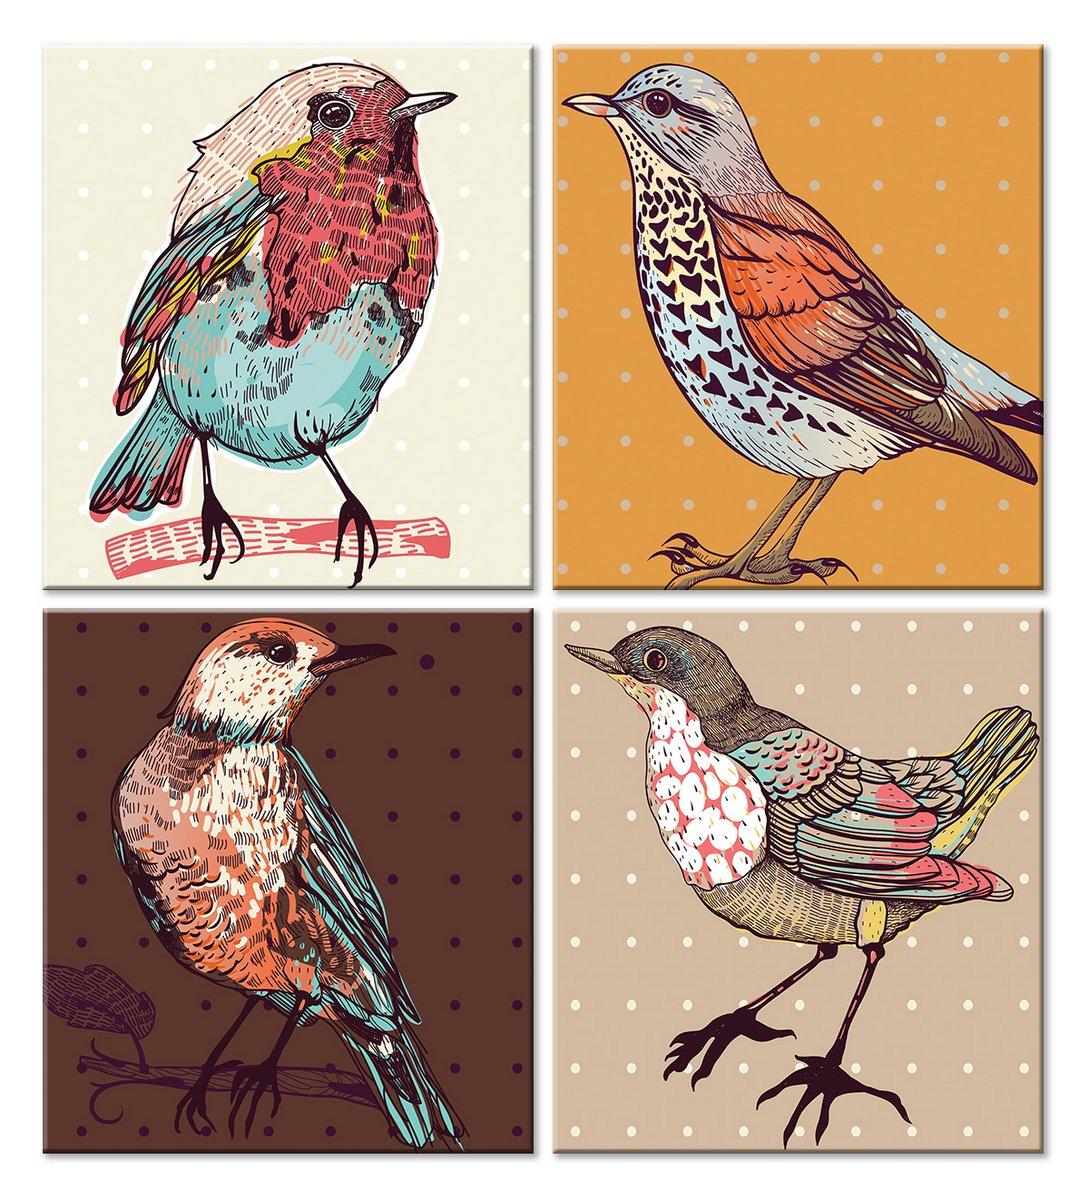 Модульная картина «Птицы»Детские<br>Модульная картина на натуральном холсте и деревянном подрамнике. Подвес в комплекте. Трехслойная надежная упаковка. Доставим в любую точку России. Вам осталось только повесить картину на стену!<br>